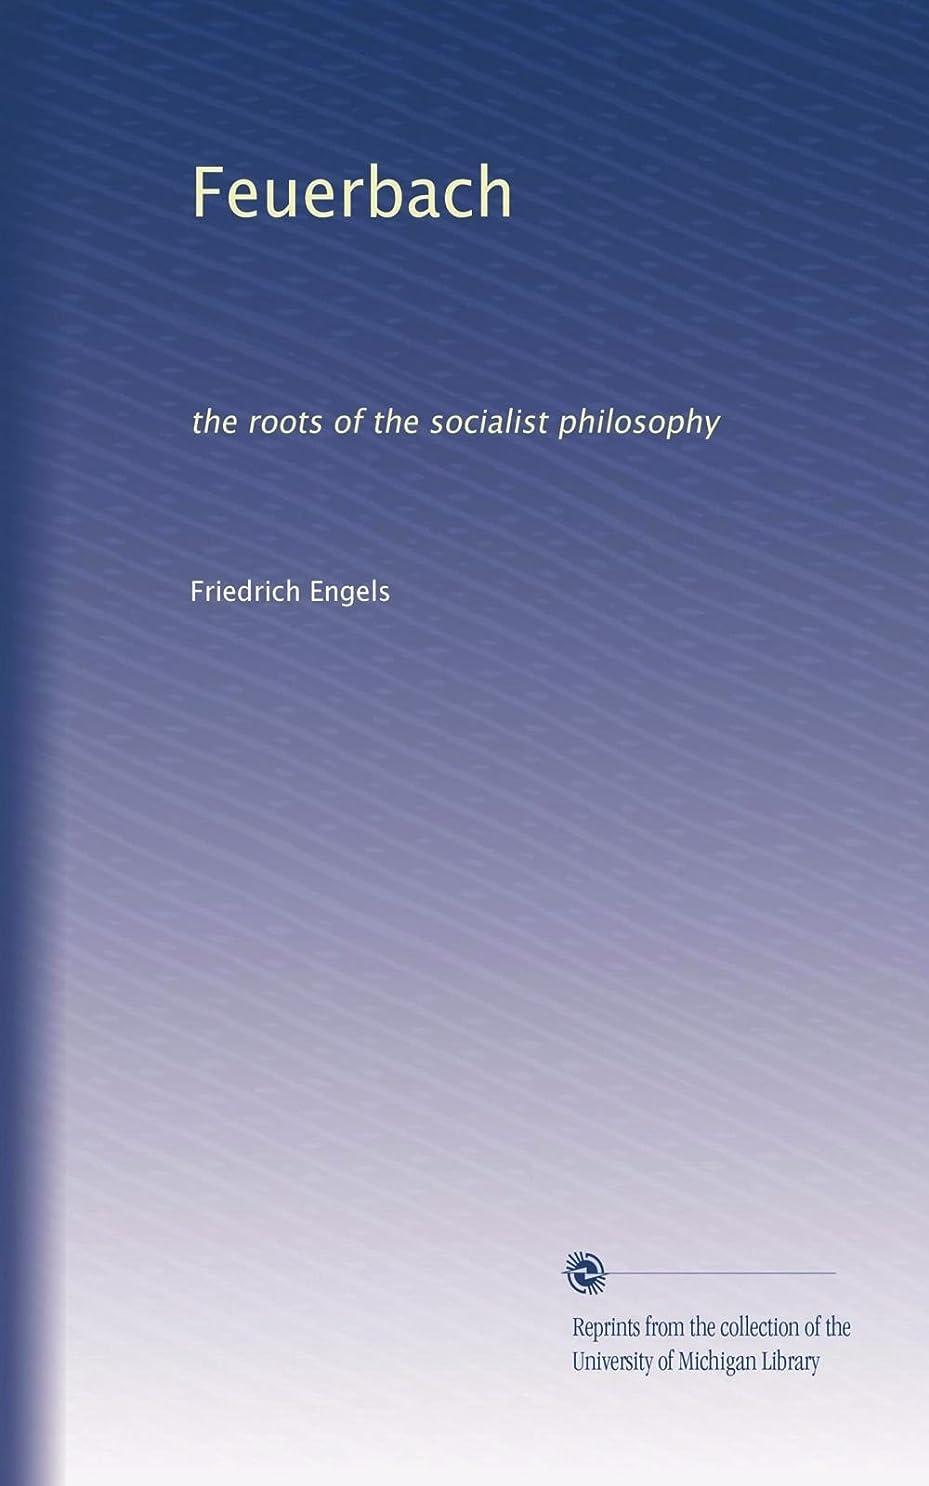 原子炉小川感心するFeuerbach: the roots of the socialist philosophy